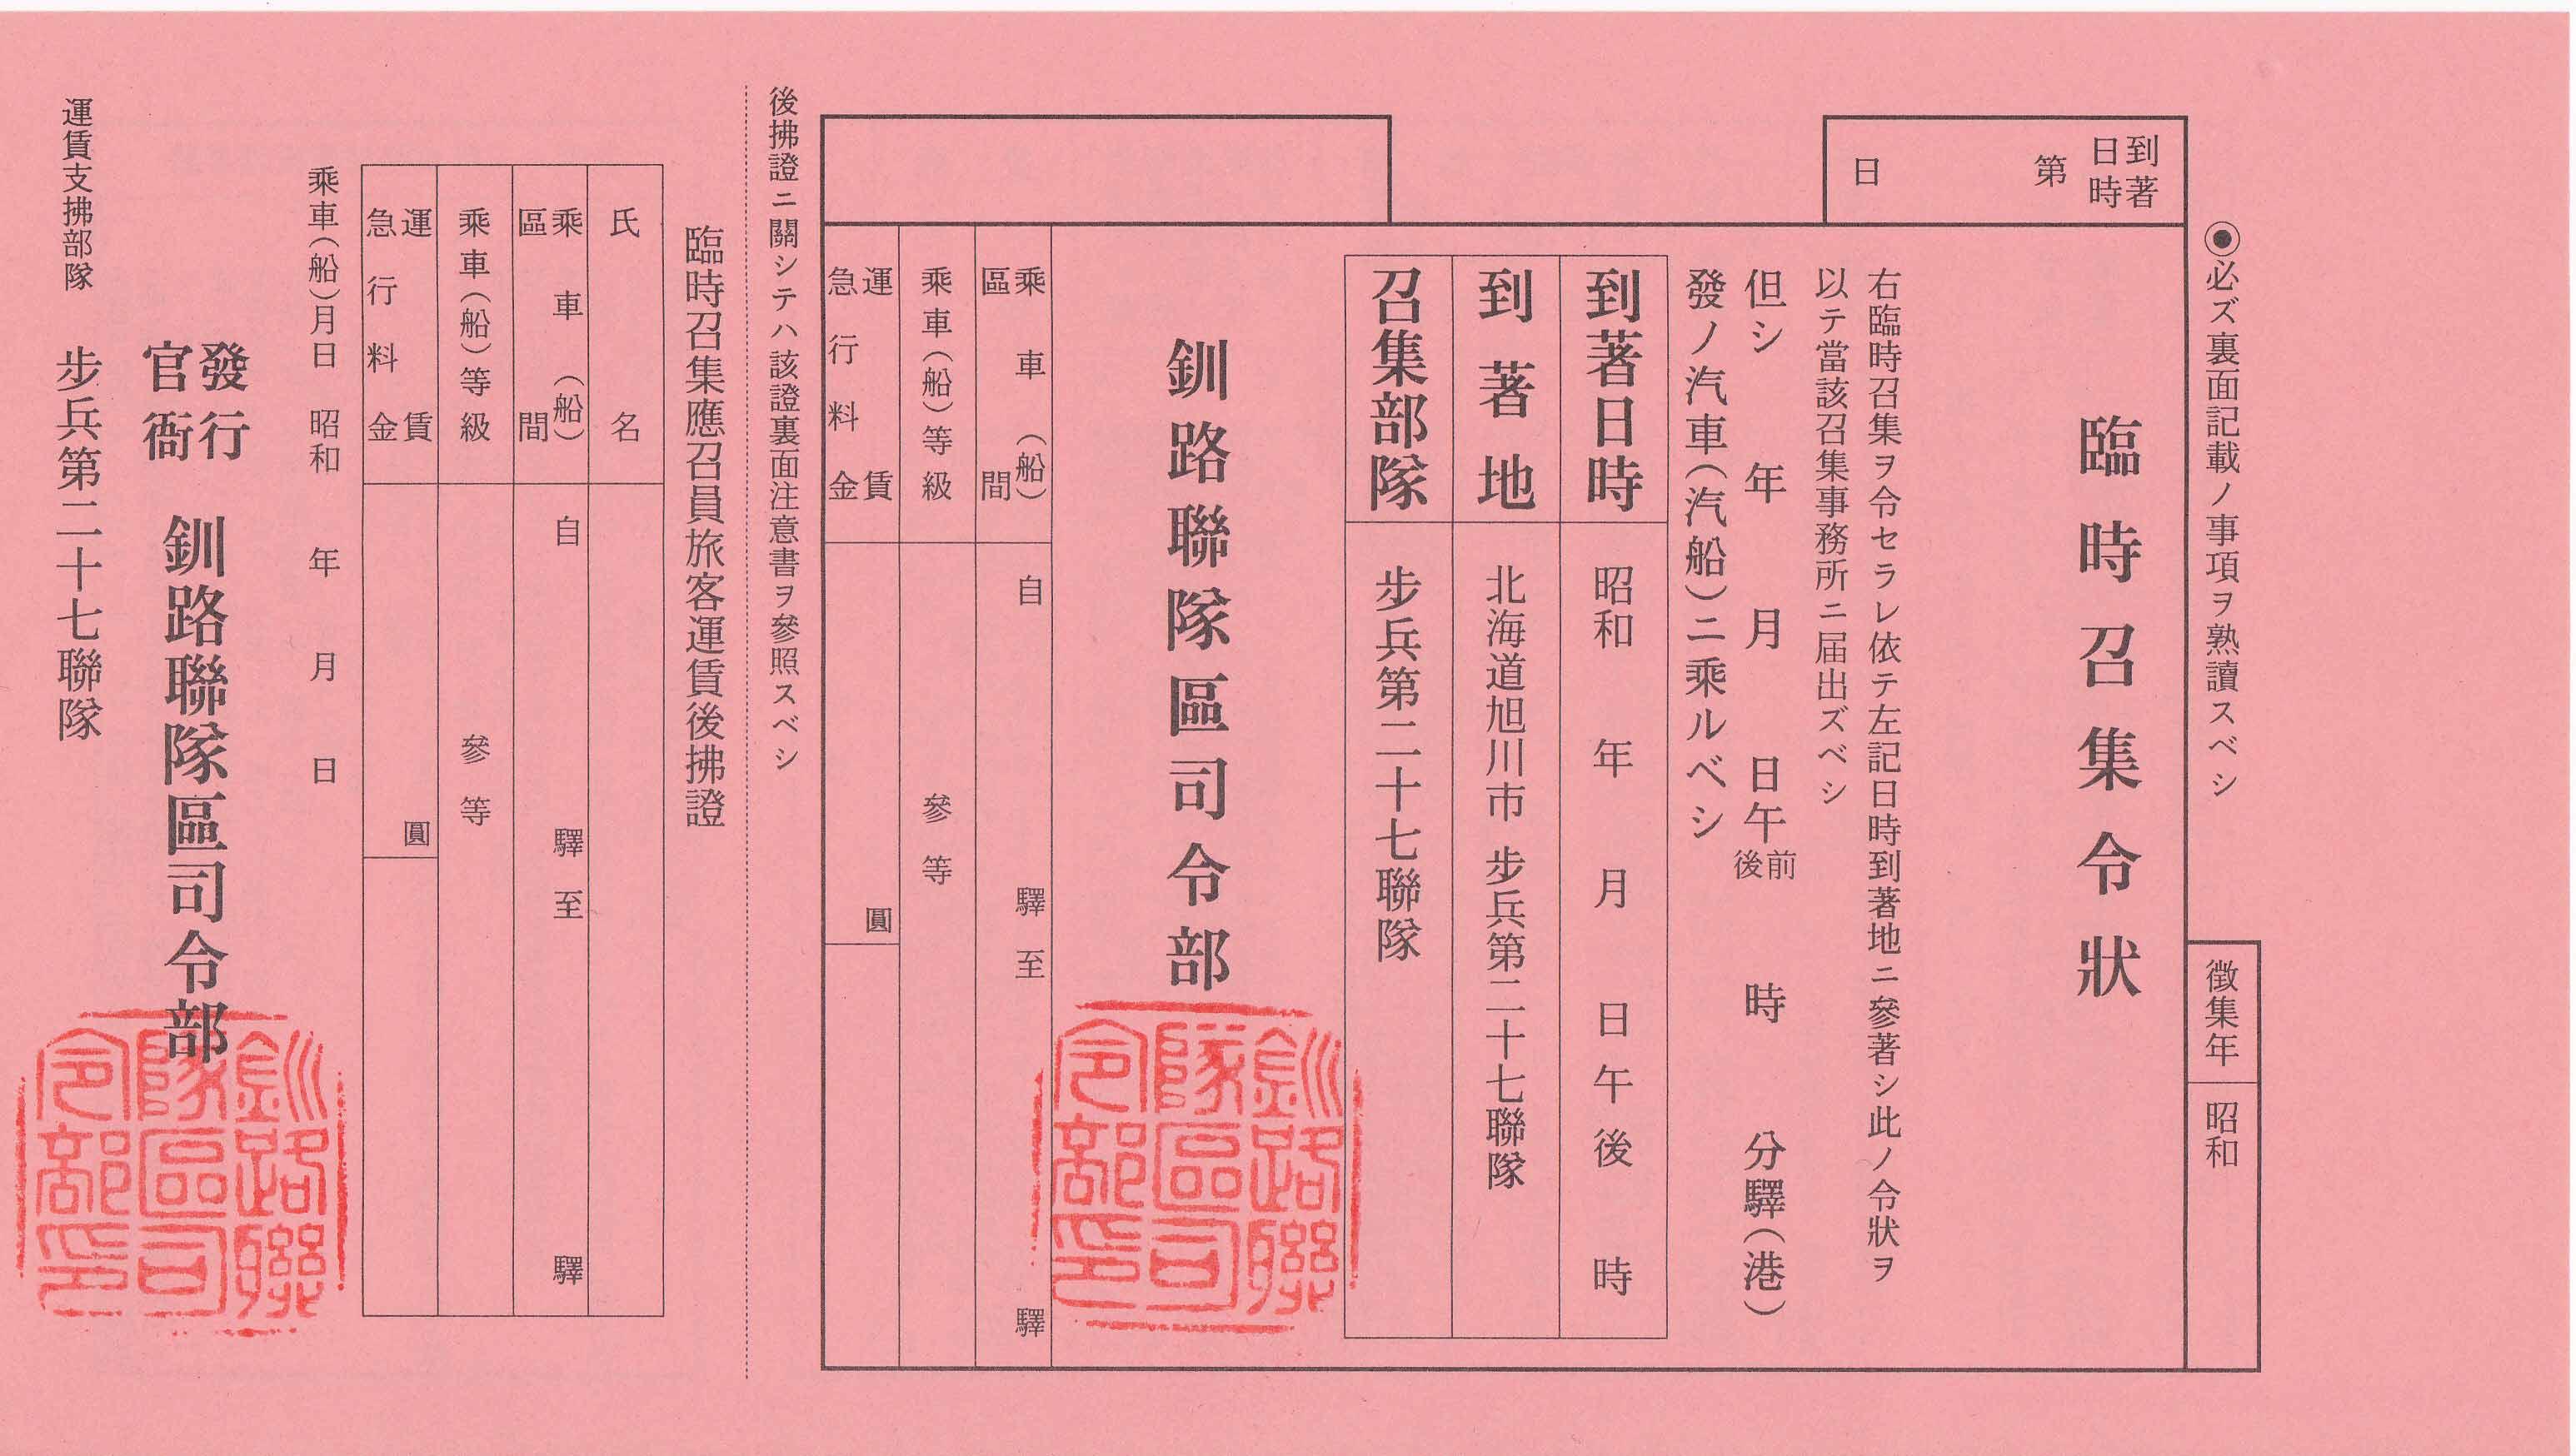 臨時召集令状 複製 歩兵第27連隊(釧路) - 染屋軍装社(購入手続き ...